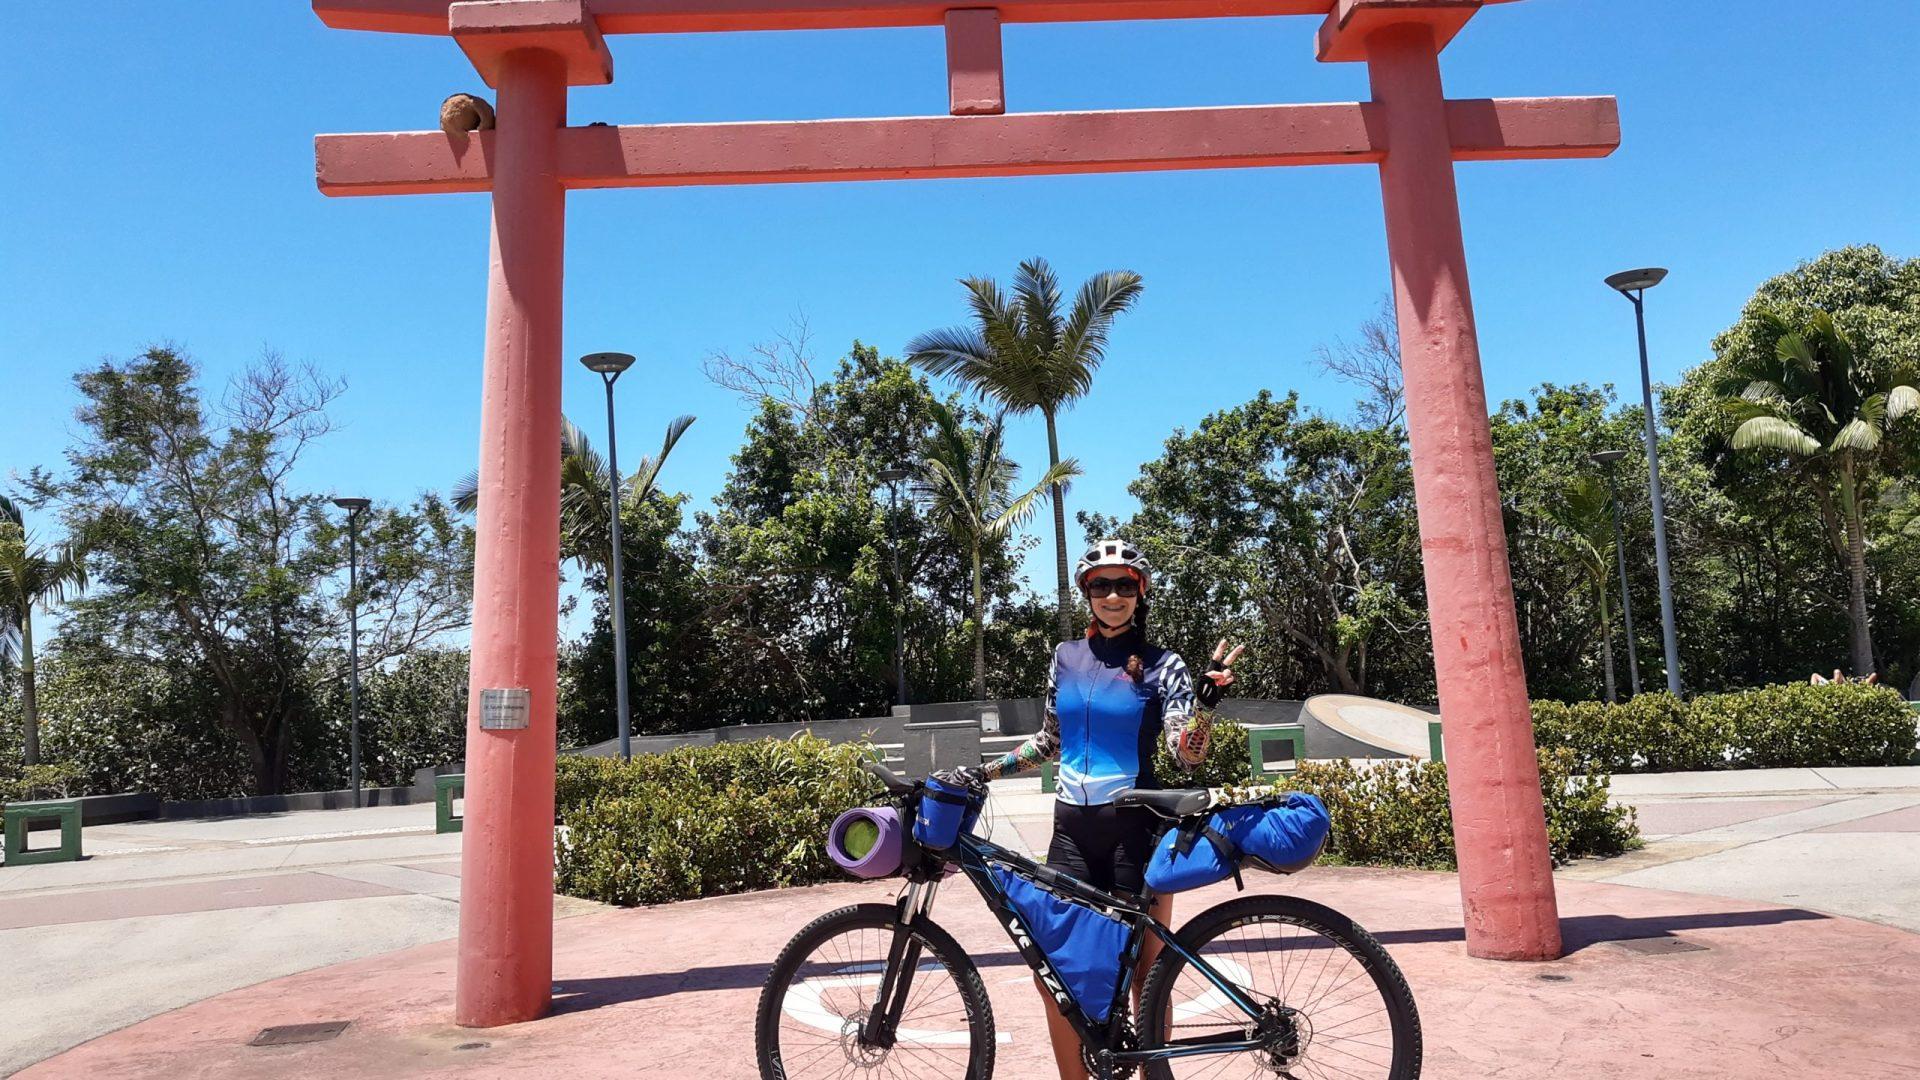 Yoga Bike - Cicloaventureiro.com.br (6)